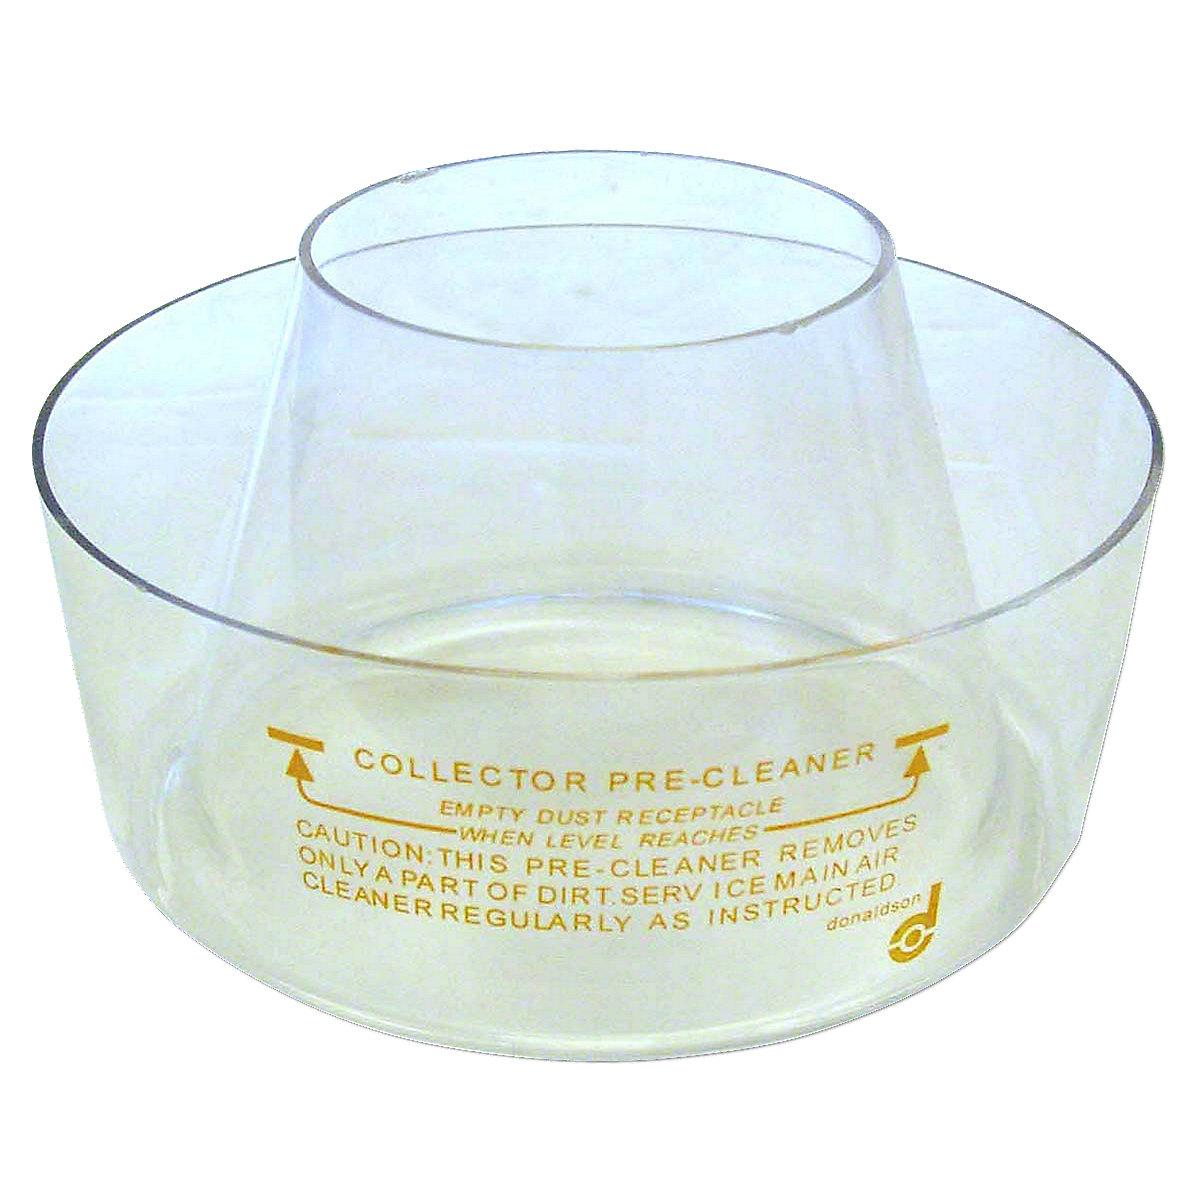 7 Plastic Pre-Cleaner Bowl For Massey Ferguson: 1080, 1085, 135, 150, 165, 175, 180, 282, 3050, 3060, 3070, 3080, 3090, 35 And 65 Diesel, 375, 383, 390, 393, 398, 399, 85, 88, 90, 98, 245, 275.